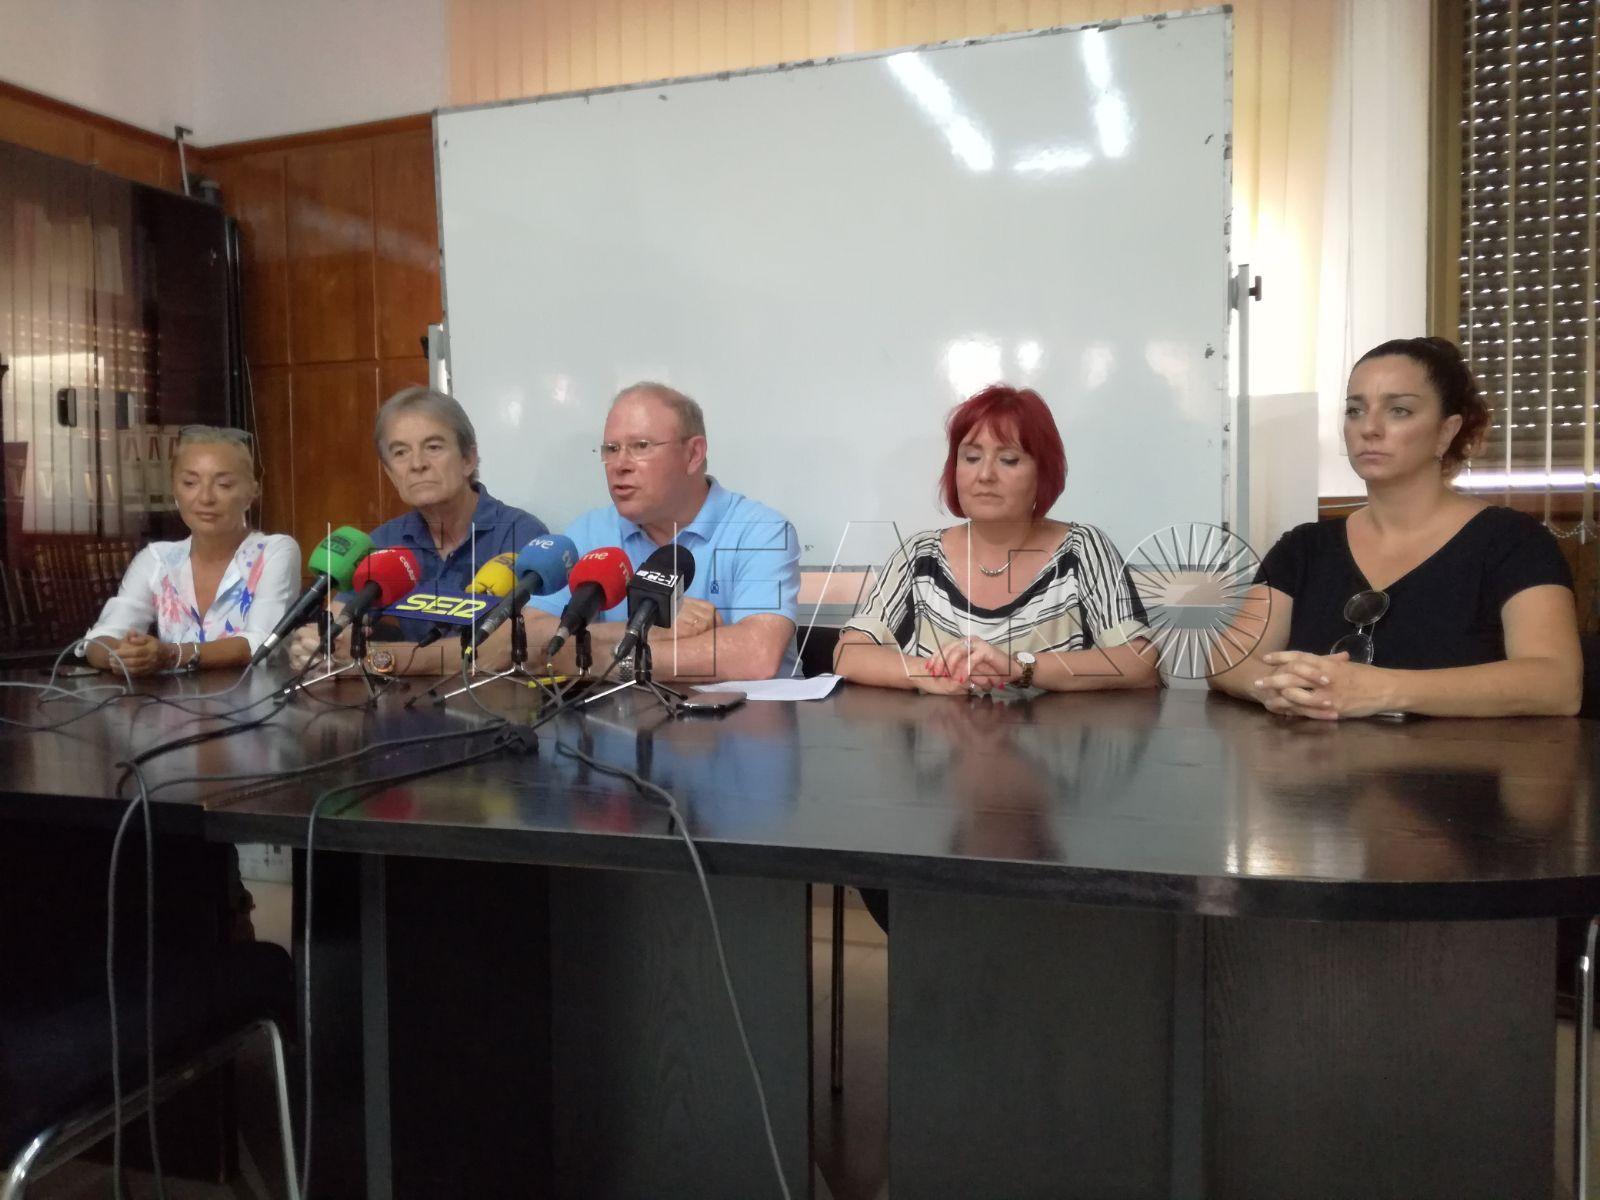 La Junta de Personal Docente reprocha al Ministerio que no respete los compromisos adquiridos